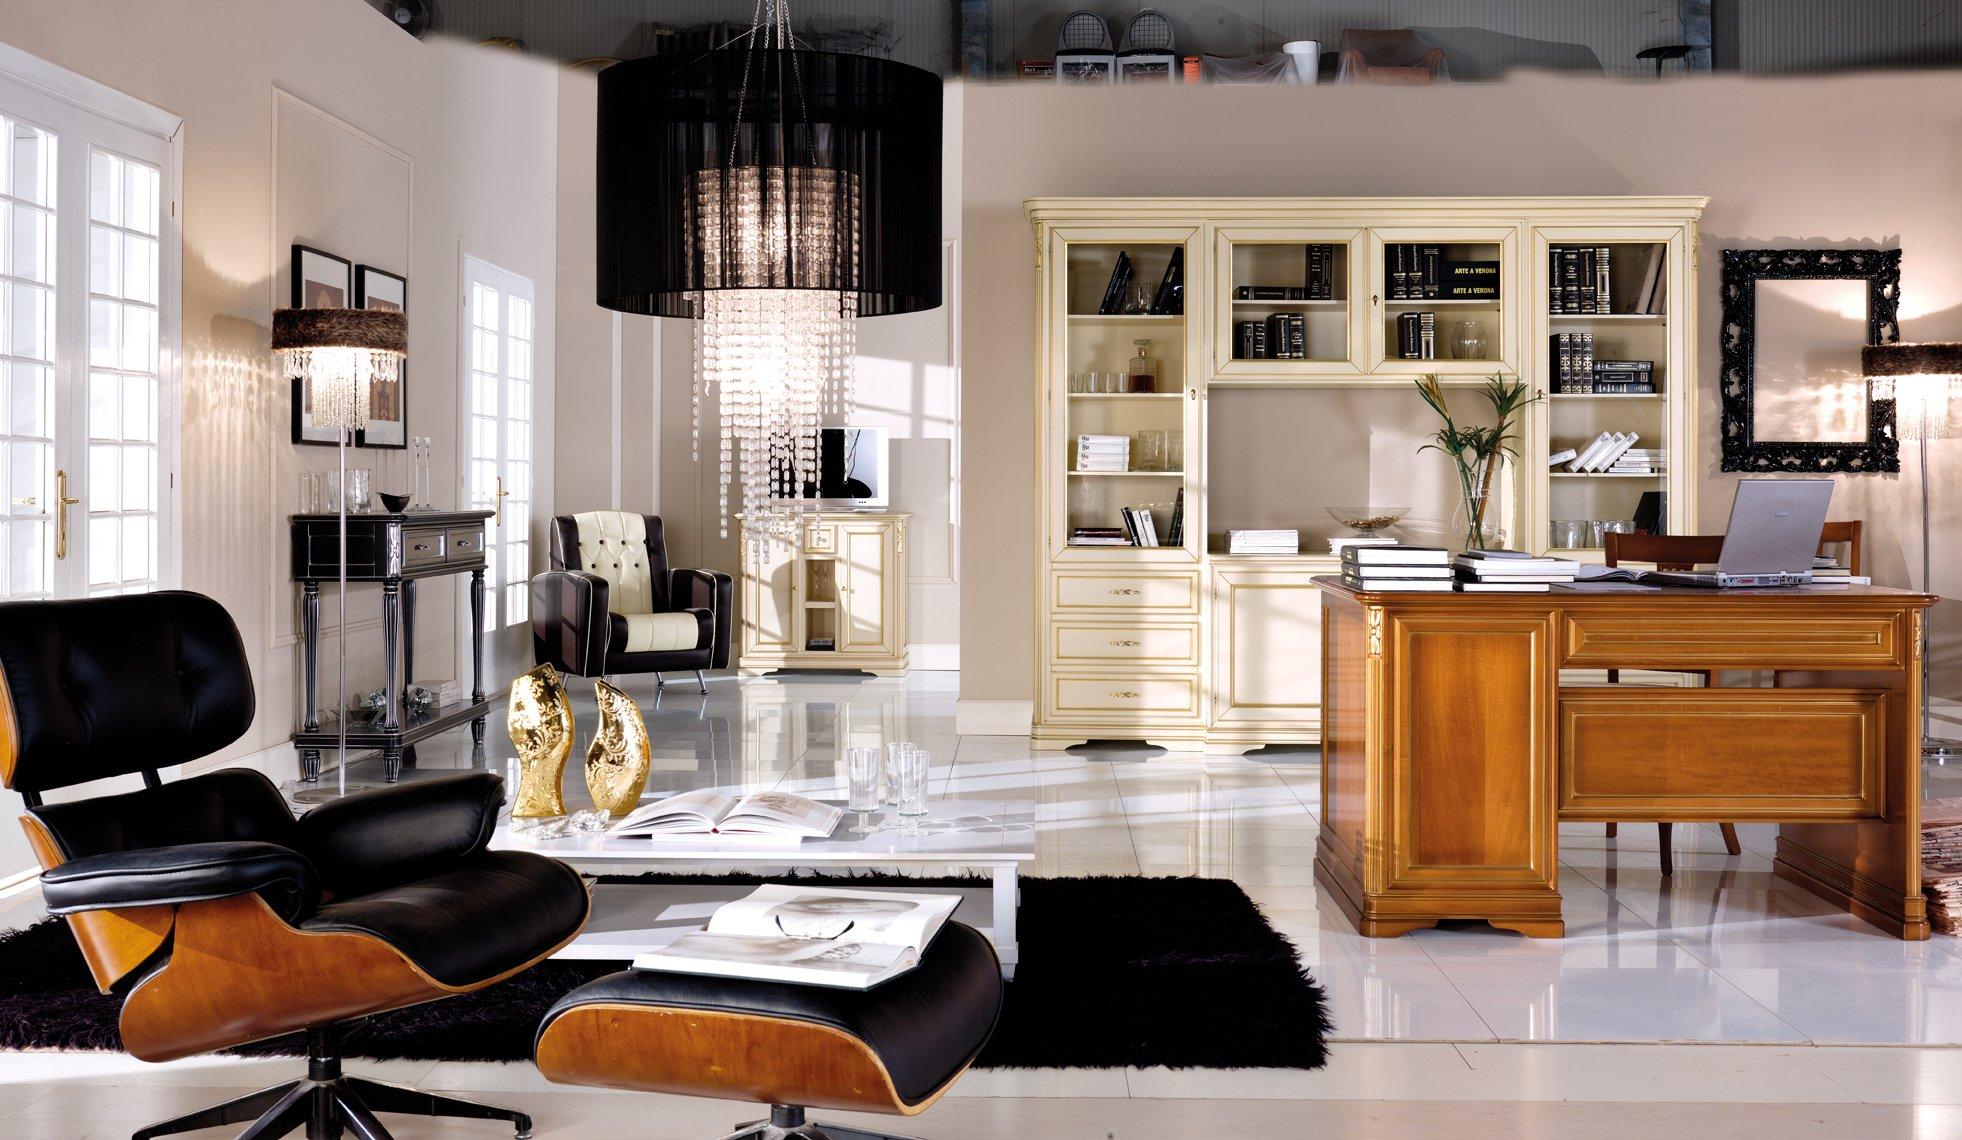 Scrivania 6 cassetti mobili in stile linea la maison - La maison mobili ...